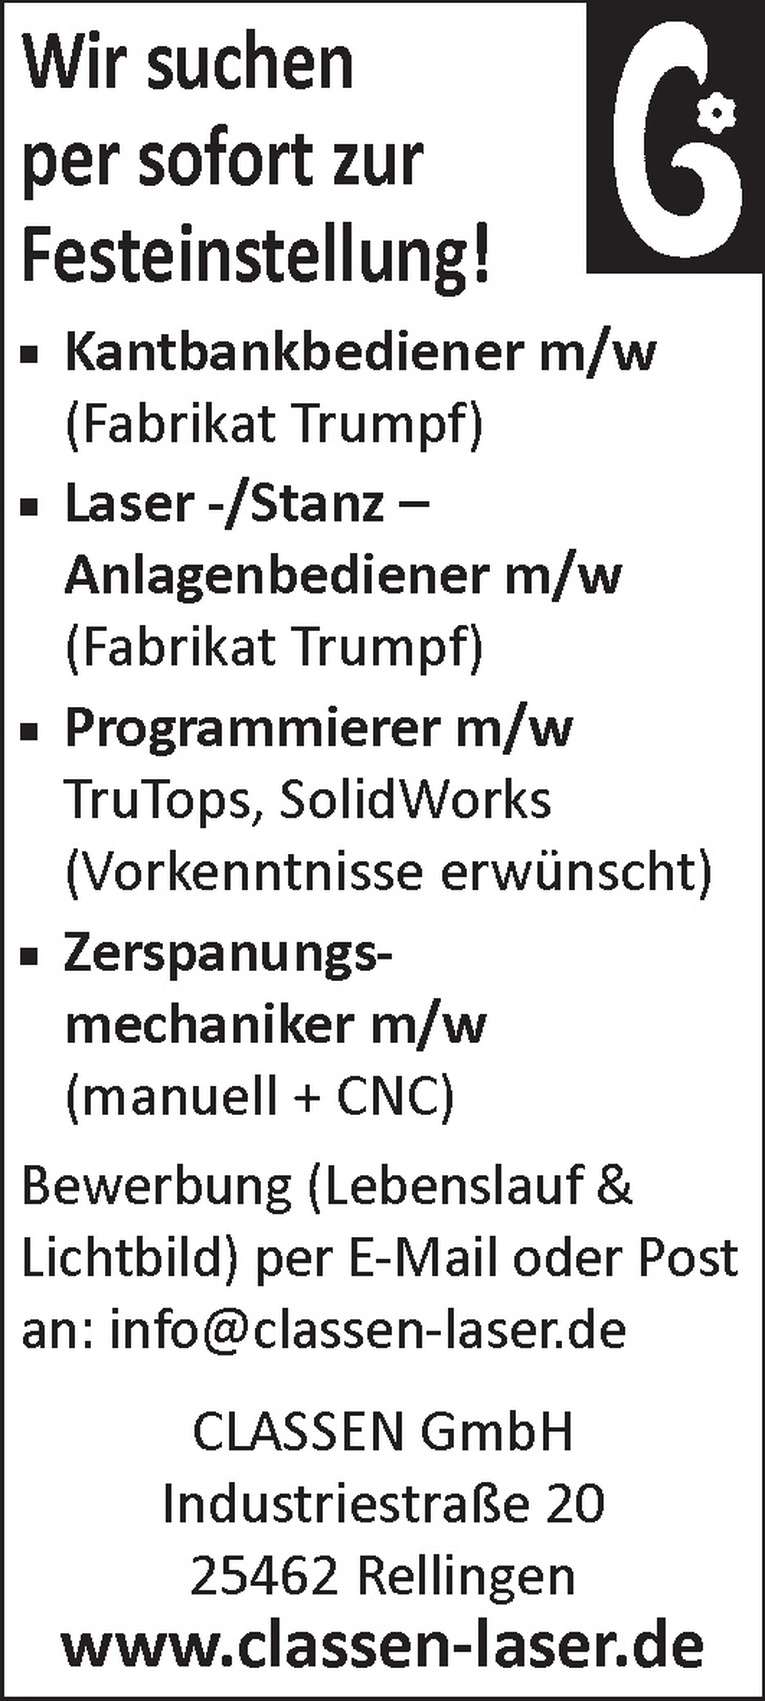 Zerspanungsmechaniker m/w